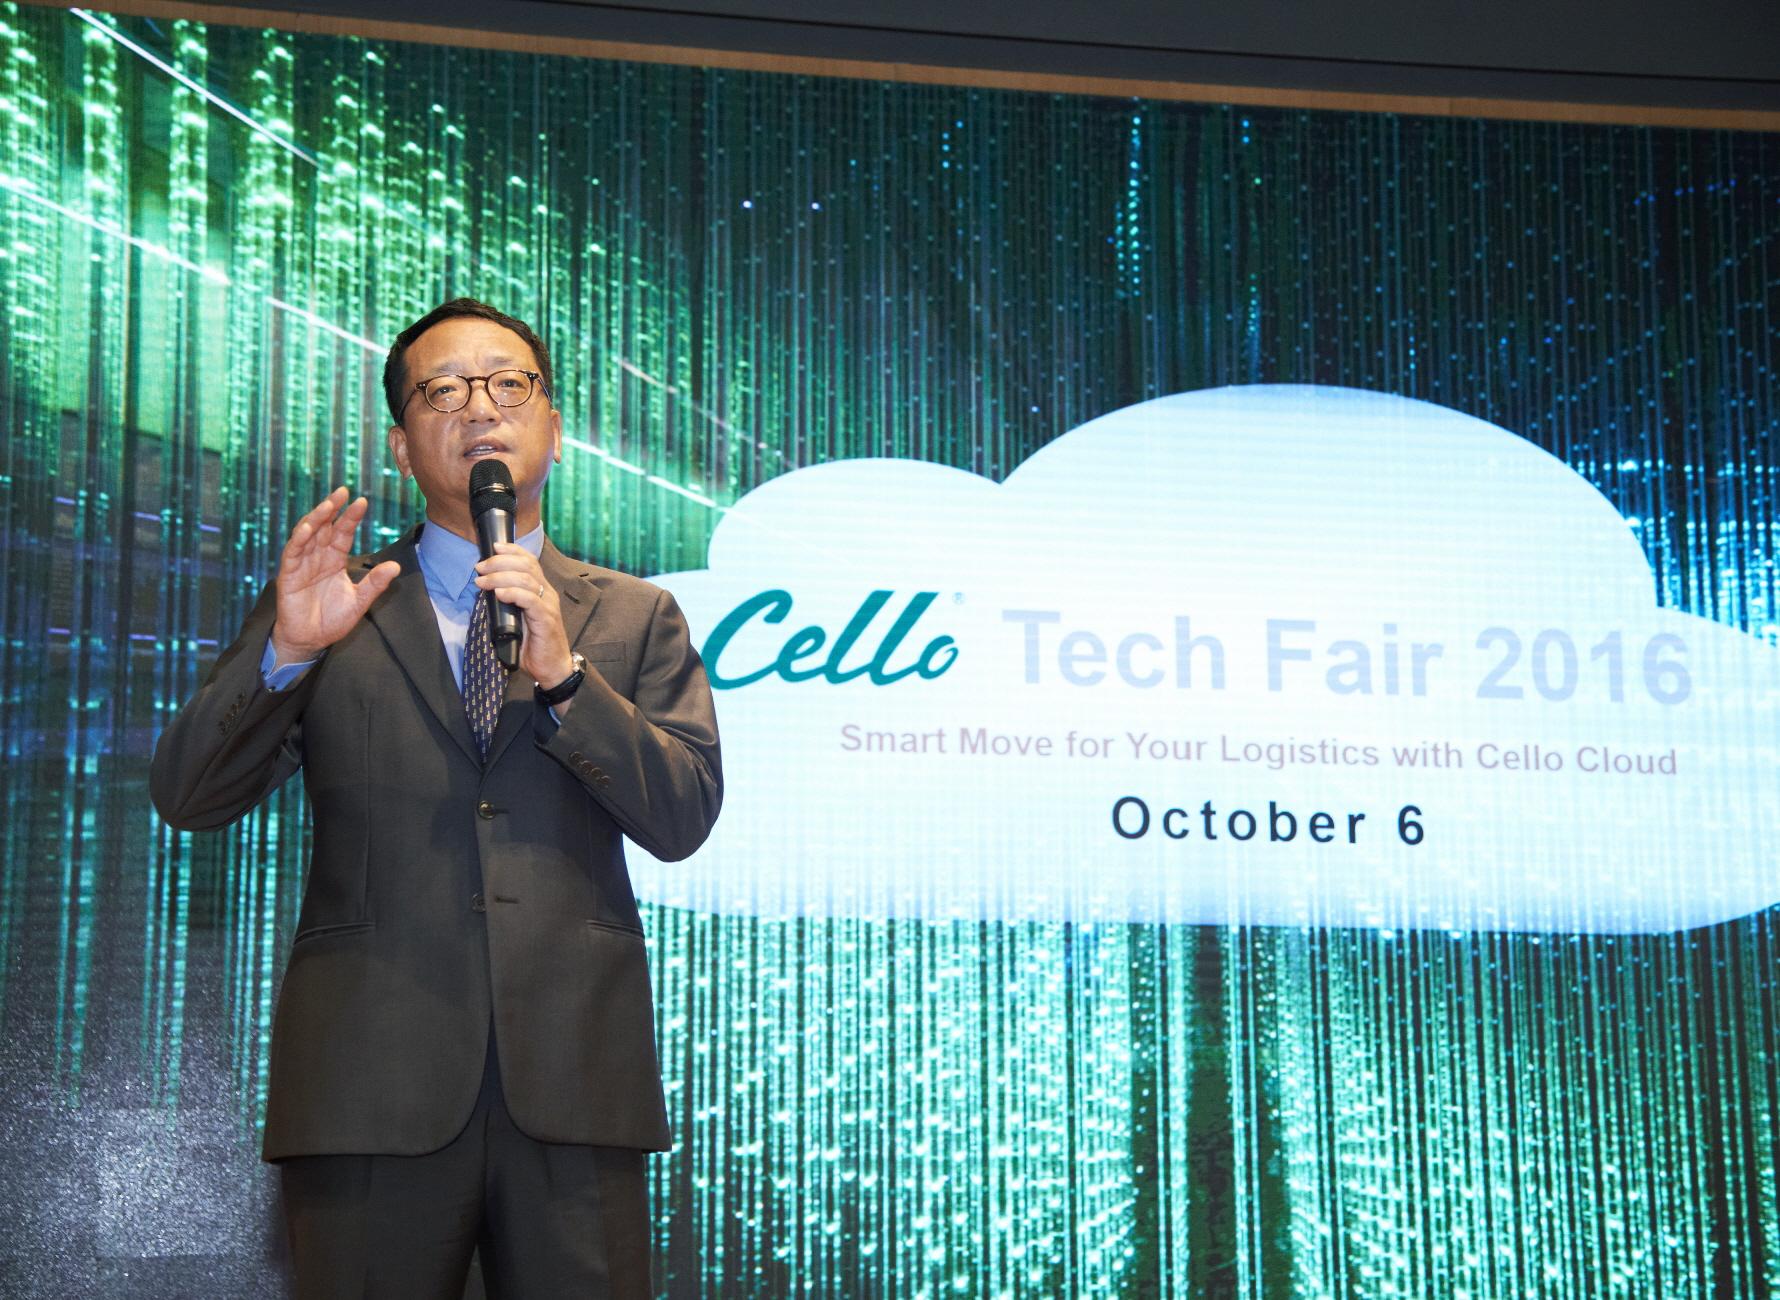 삼성SDS SL사업부 신우용 상무가 Cello Cloud에 대해 설명하는 모습